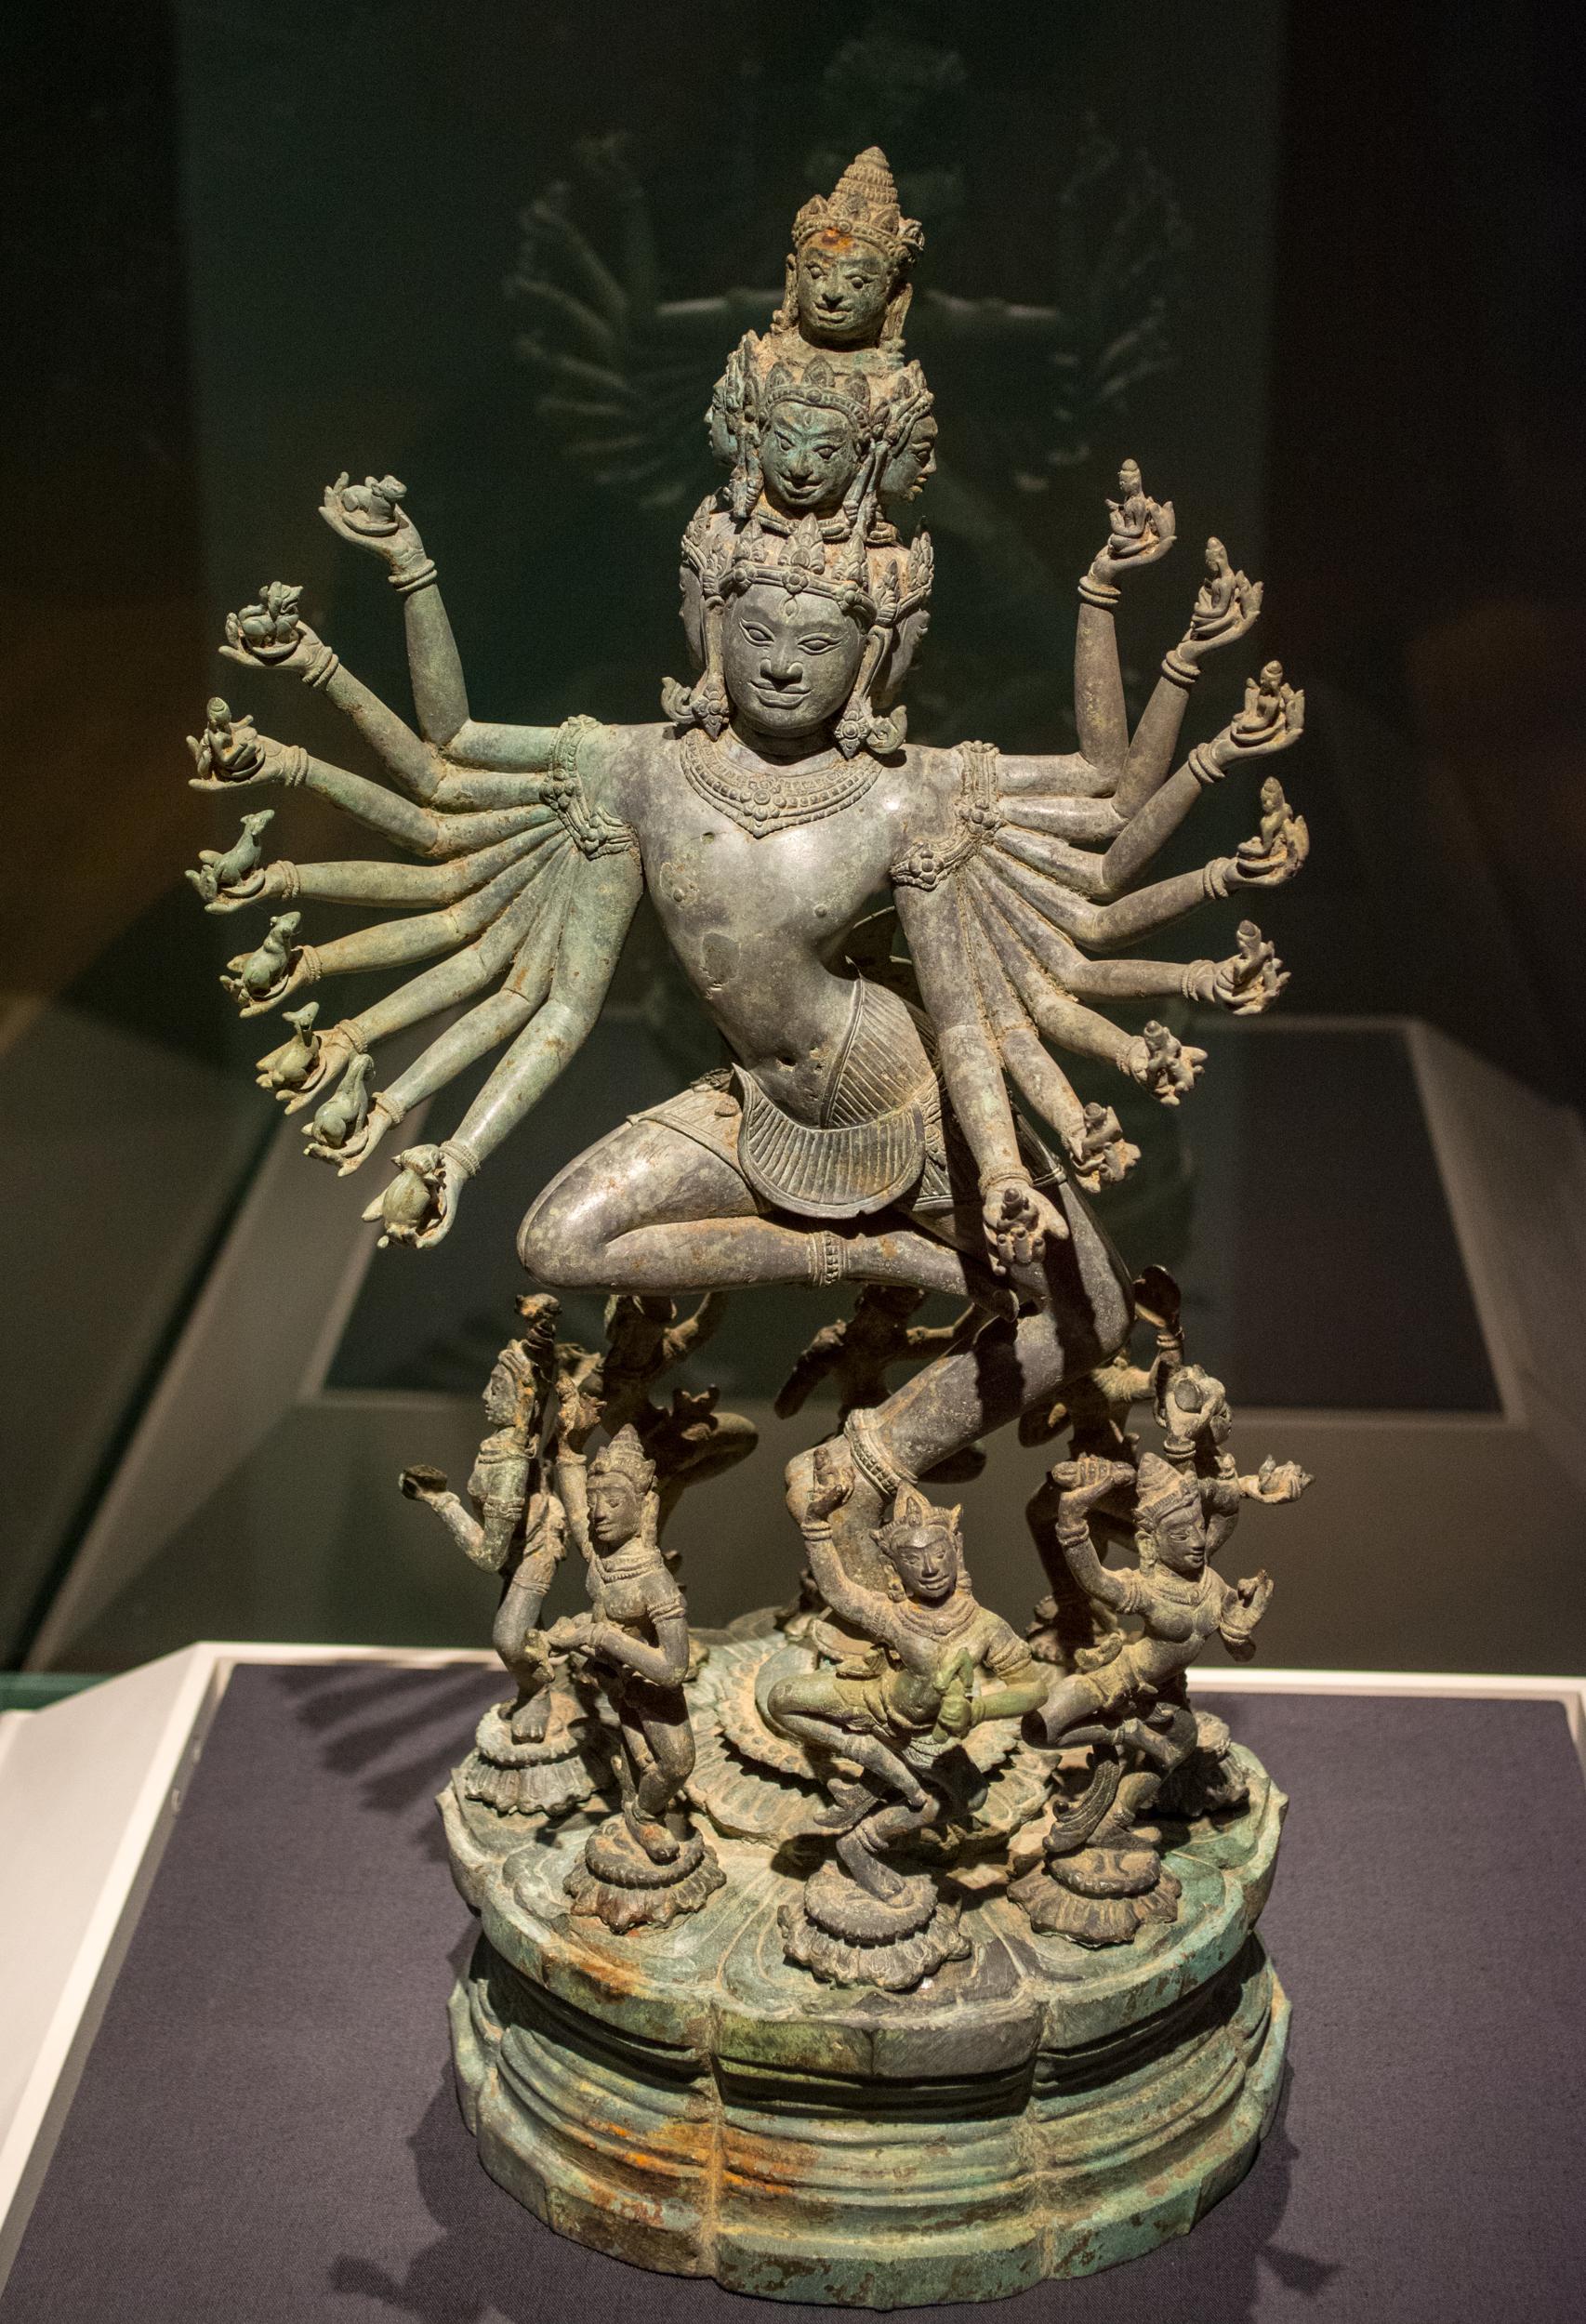 Hevajra - Beyond Angkor - Cleveland Museum of Art